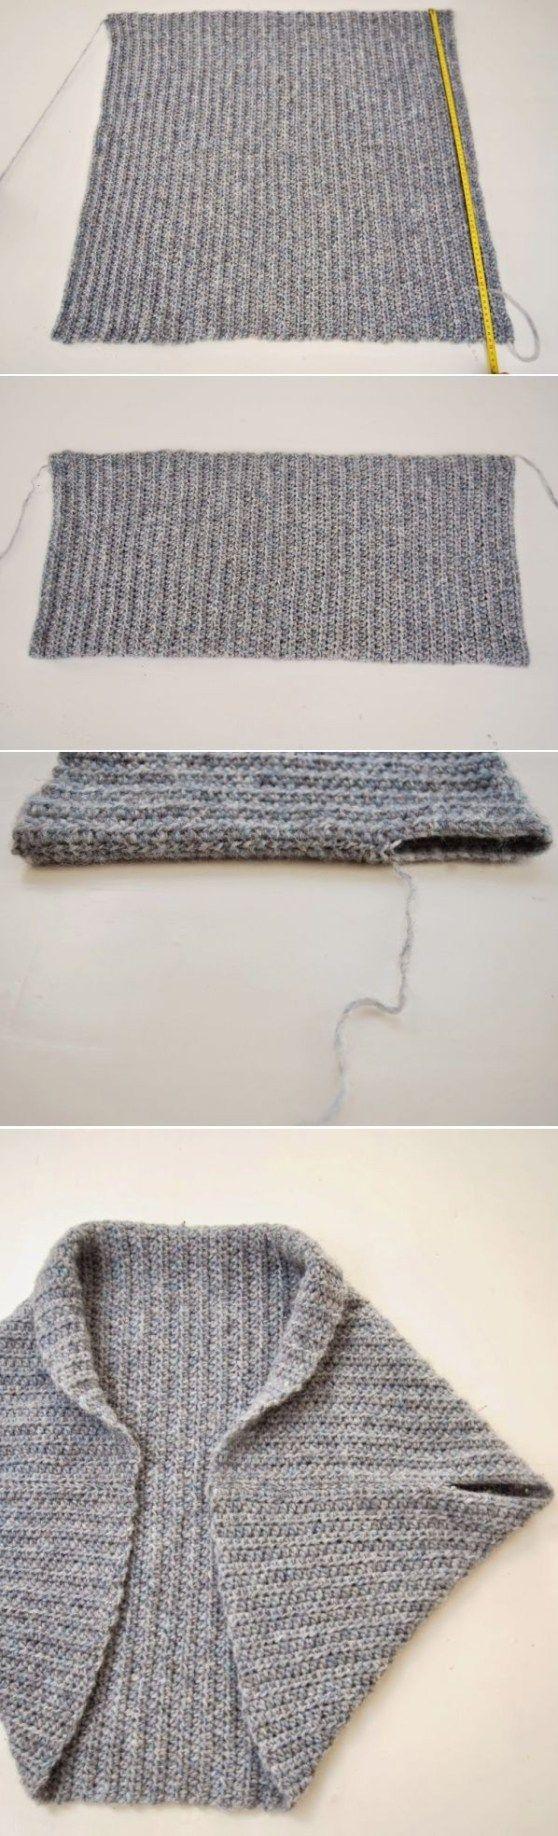 Easy Bolero Knitting Pattern : Easy Shrug Knitting Patterns Patterns, Knitting and ...